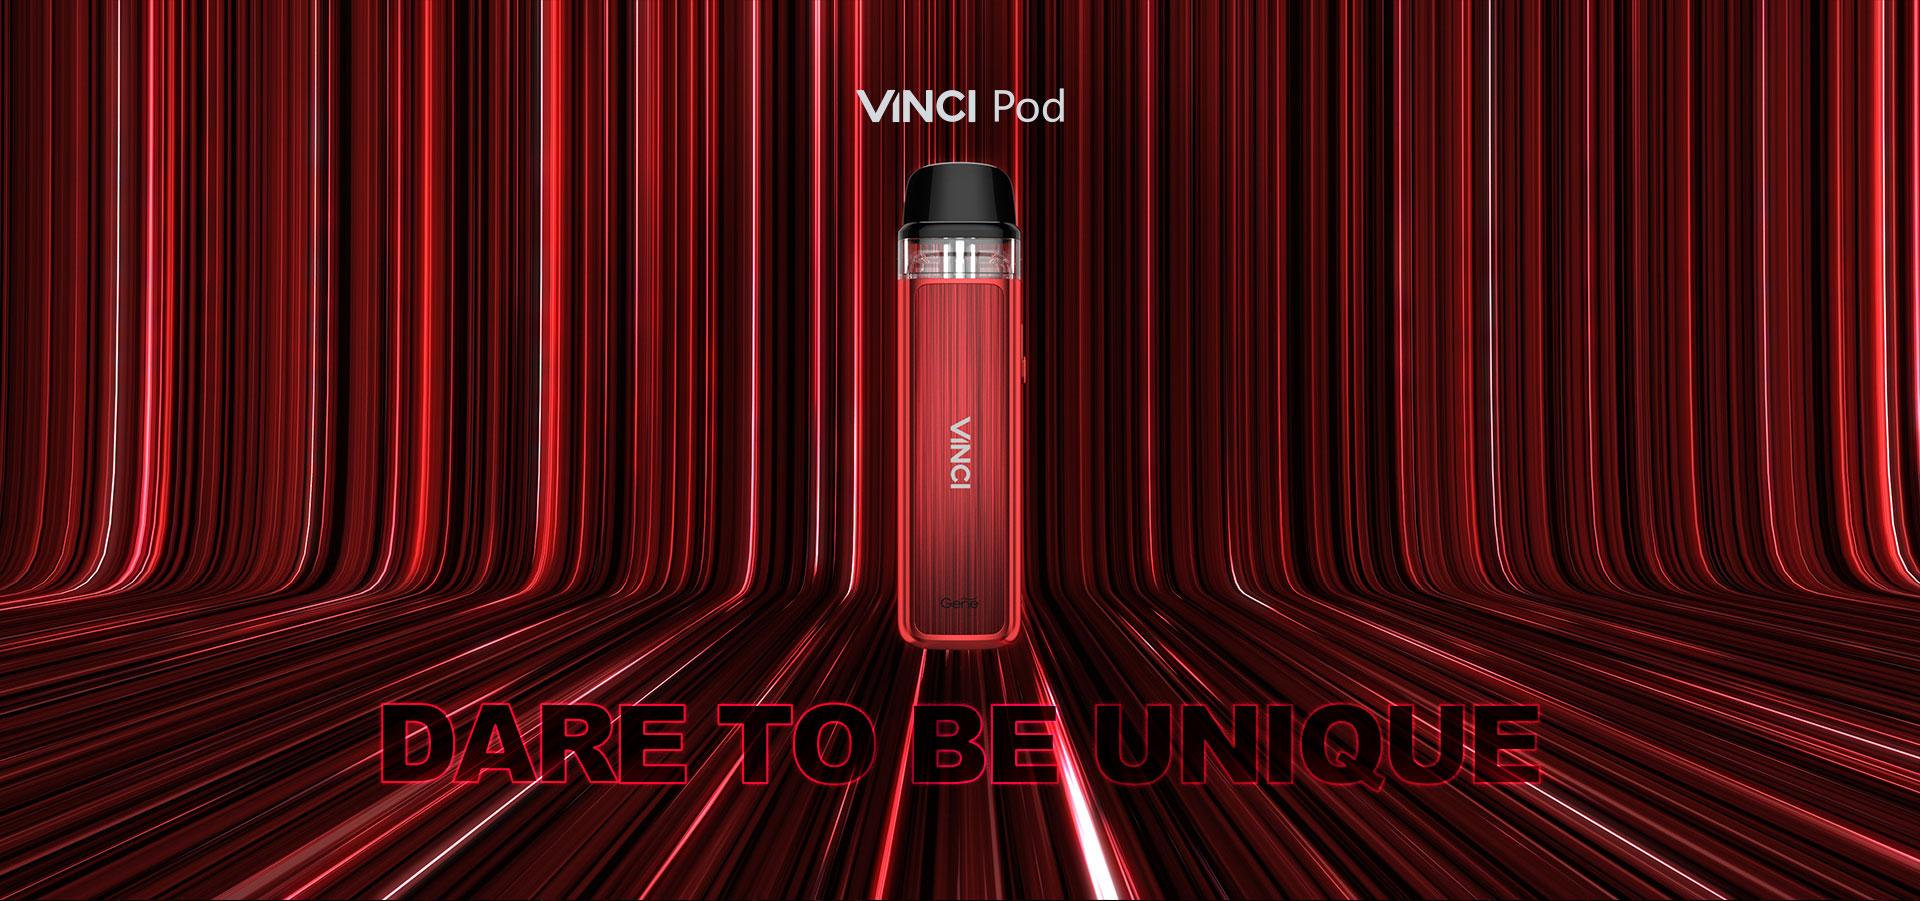 Voopoo Vinci Pod kit Description & Specifications